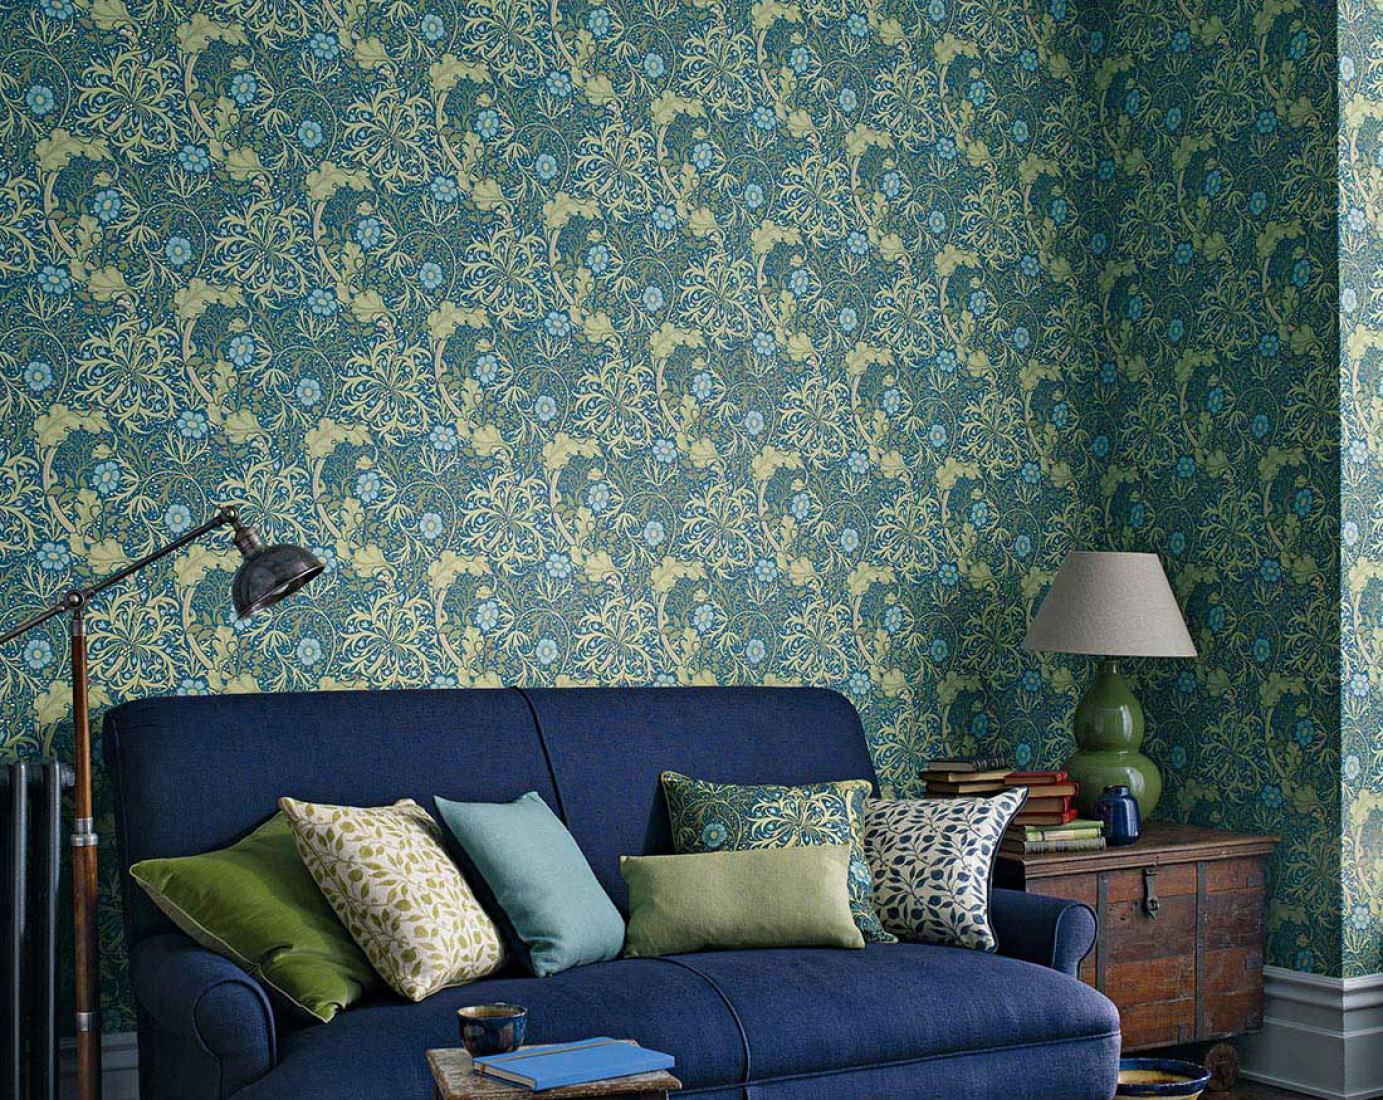 papier peint caruso bleu oc an jaune p le vert p le vert foug re bleu d eau papier peint. Black Bedroom Furniture Sets. Home Design Ideas